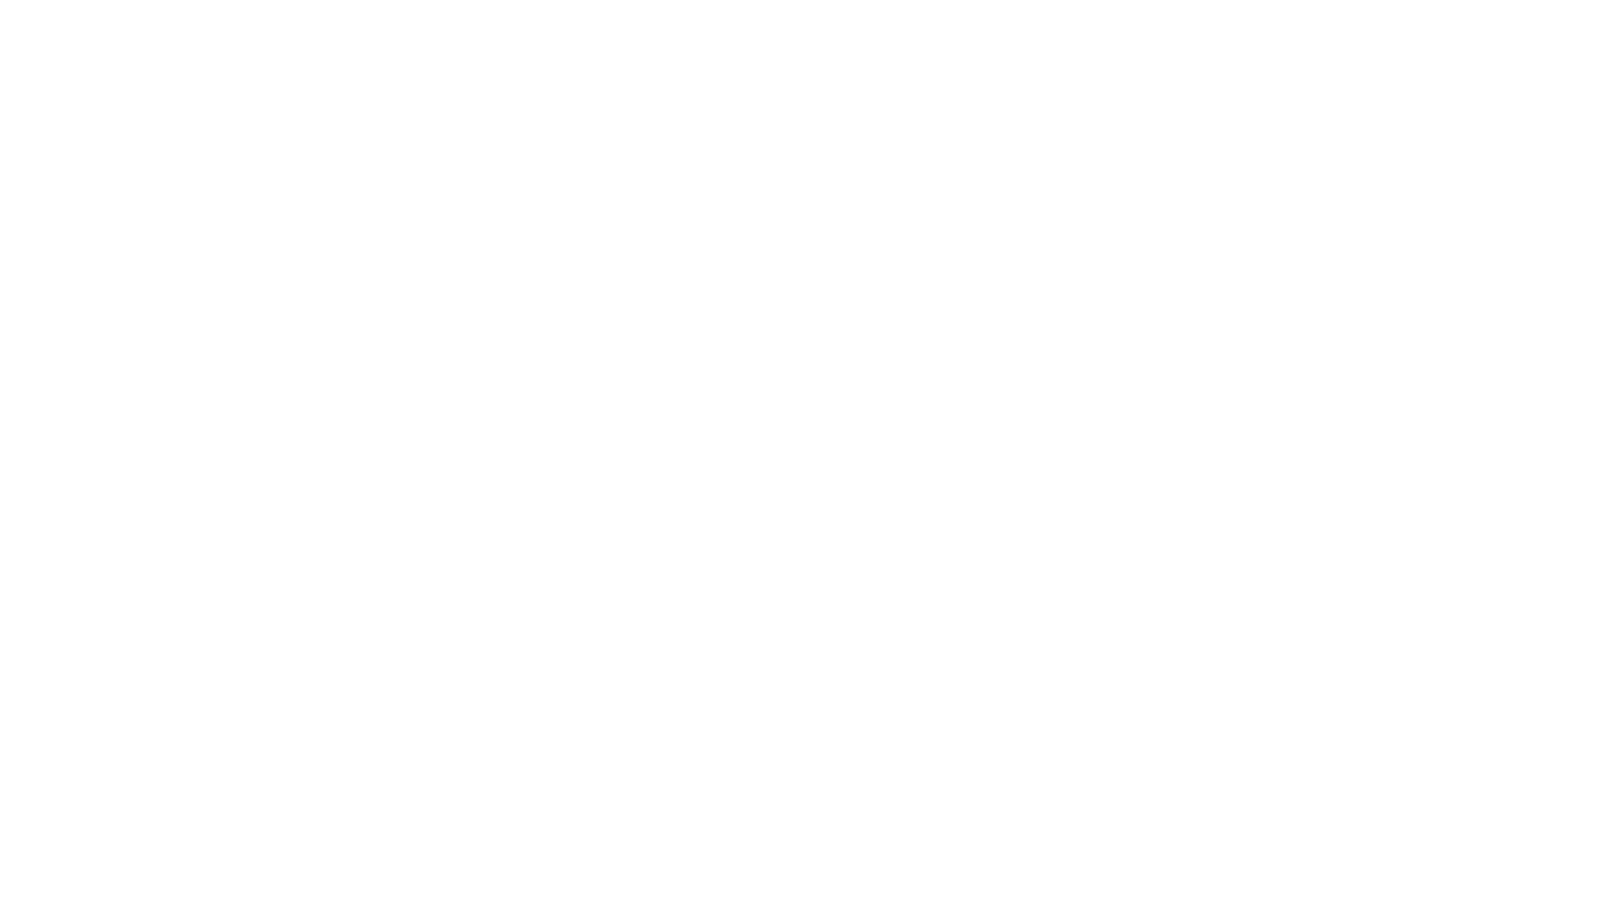 Resumen de la reunión del día 01/02/2021 donde el Consejero de Transportes de la CAM nos hace llegar las líneas generales de la modificación de la ley 20/98 para habilitar a las VTCs a seguir realizando transporte urbano una vez que se acabe la moratoria del decreto Ábalos.